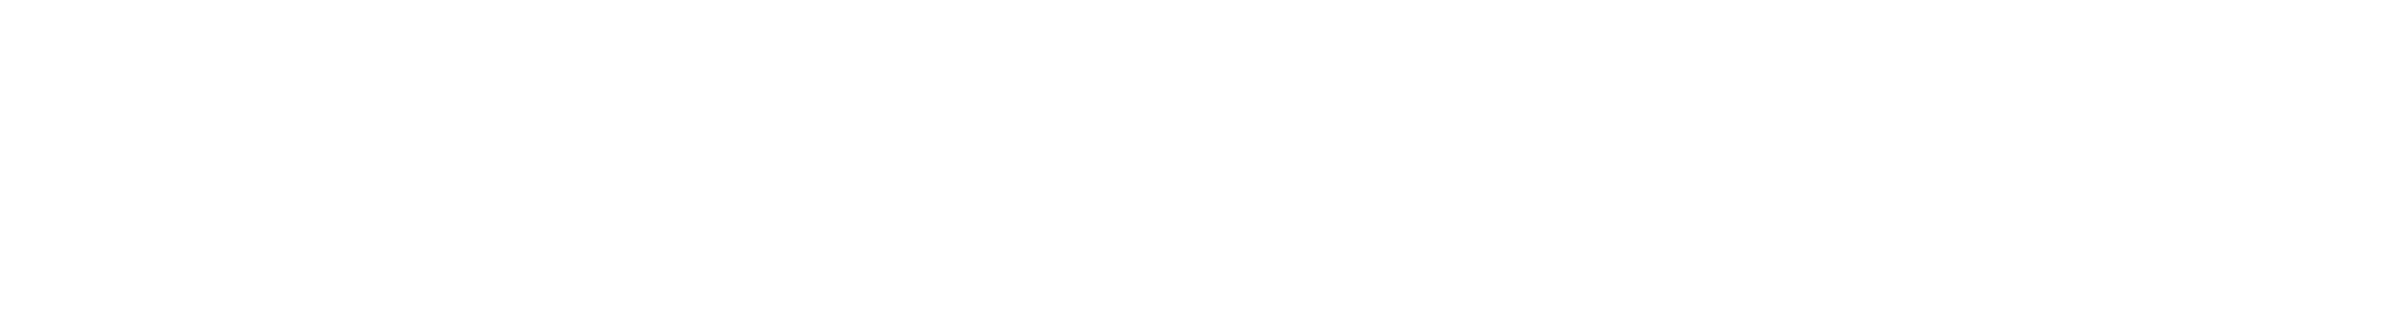 LogoTanz in Bern: Sie sind nicht allein ft. IZFG 2021_1